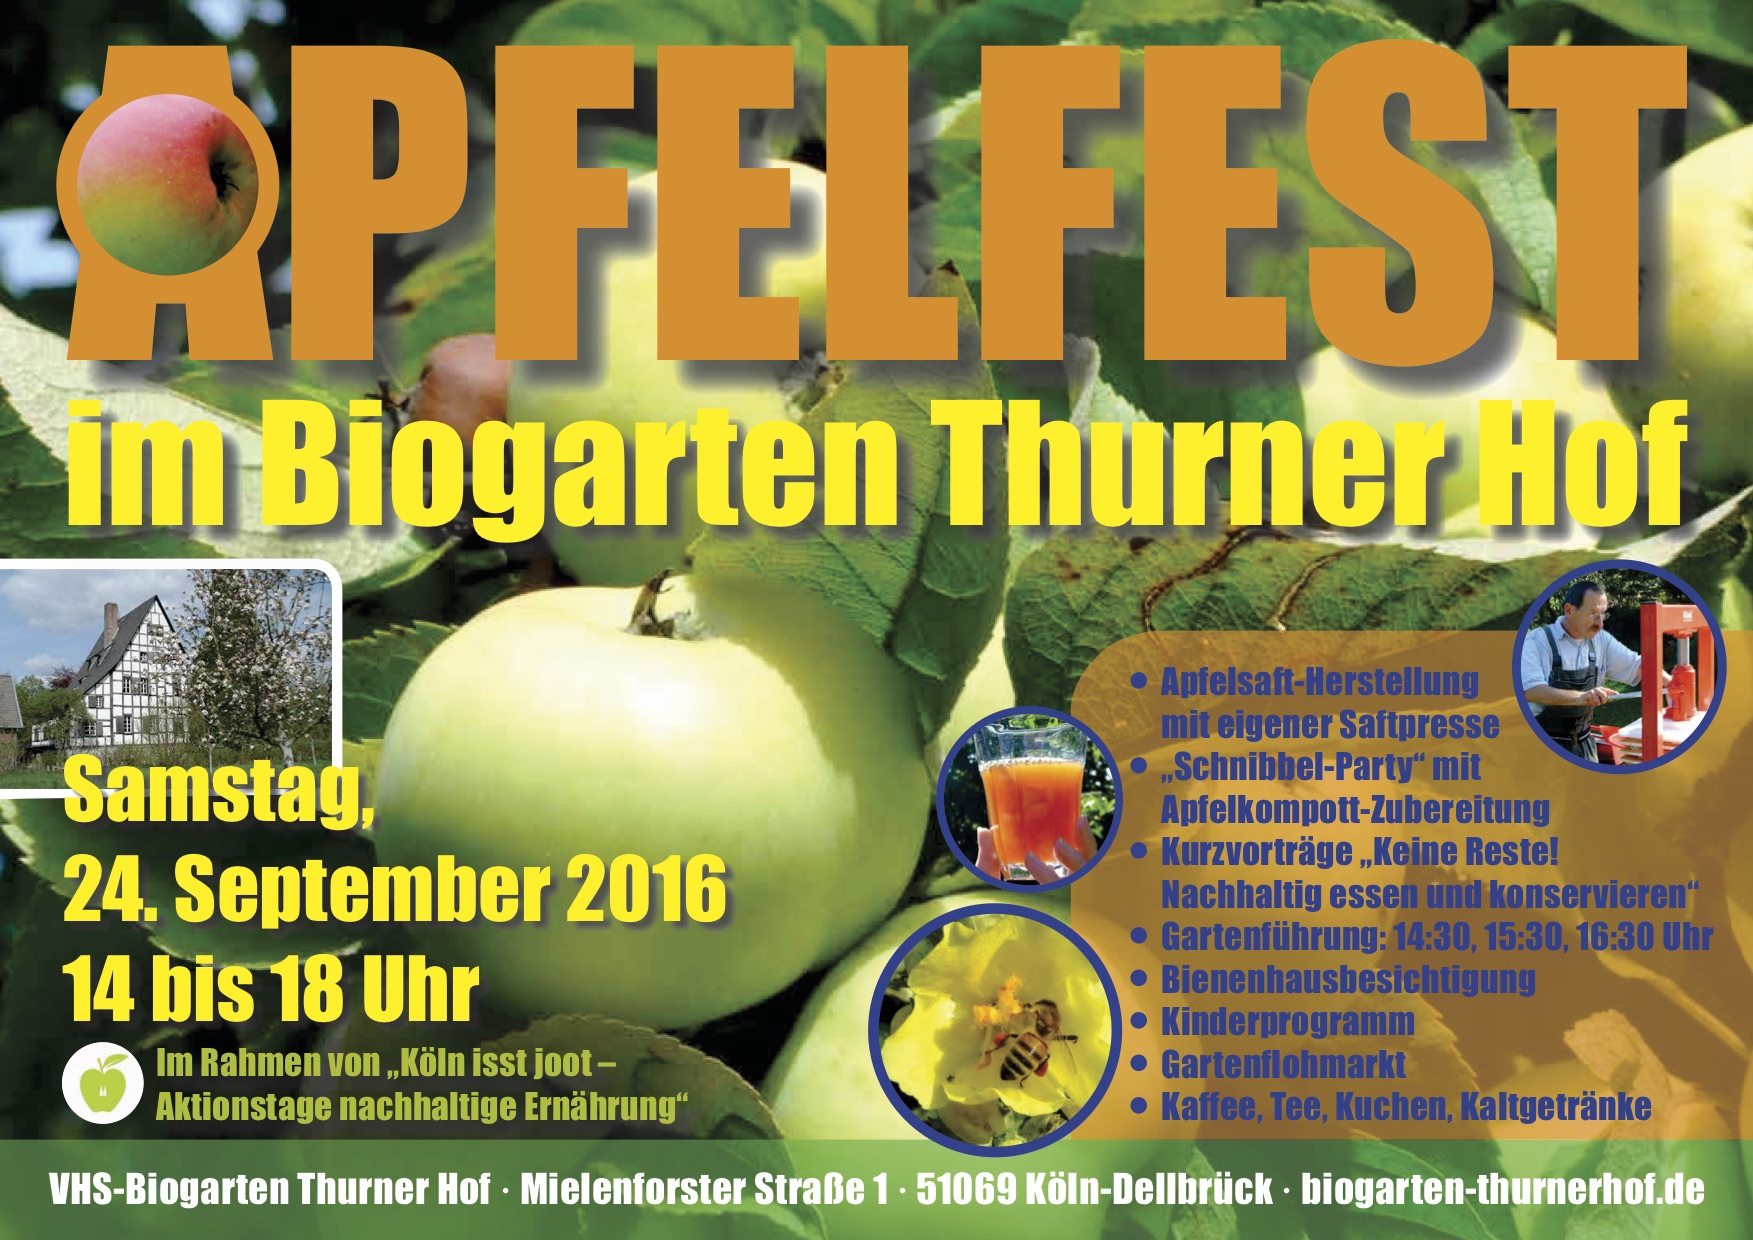 Apfelfest Thurner Hof 2016